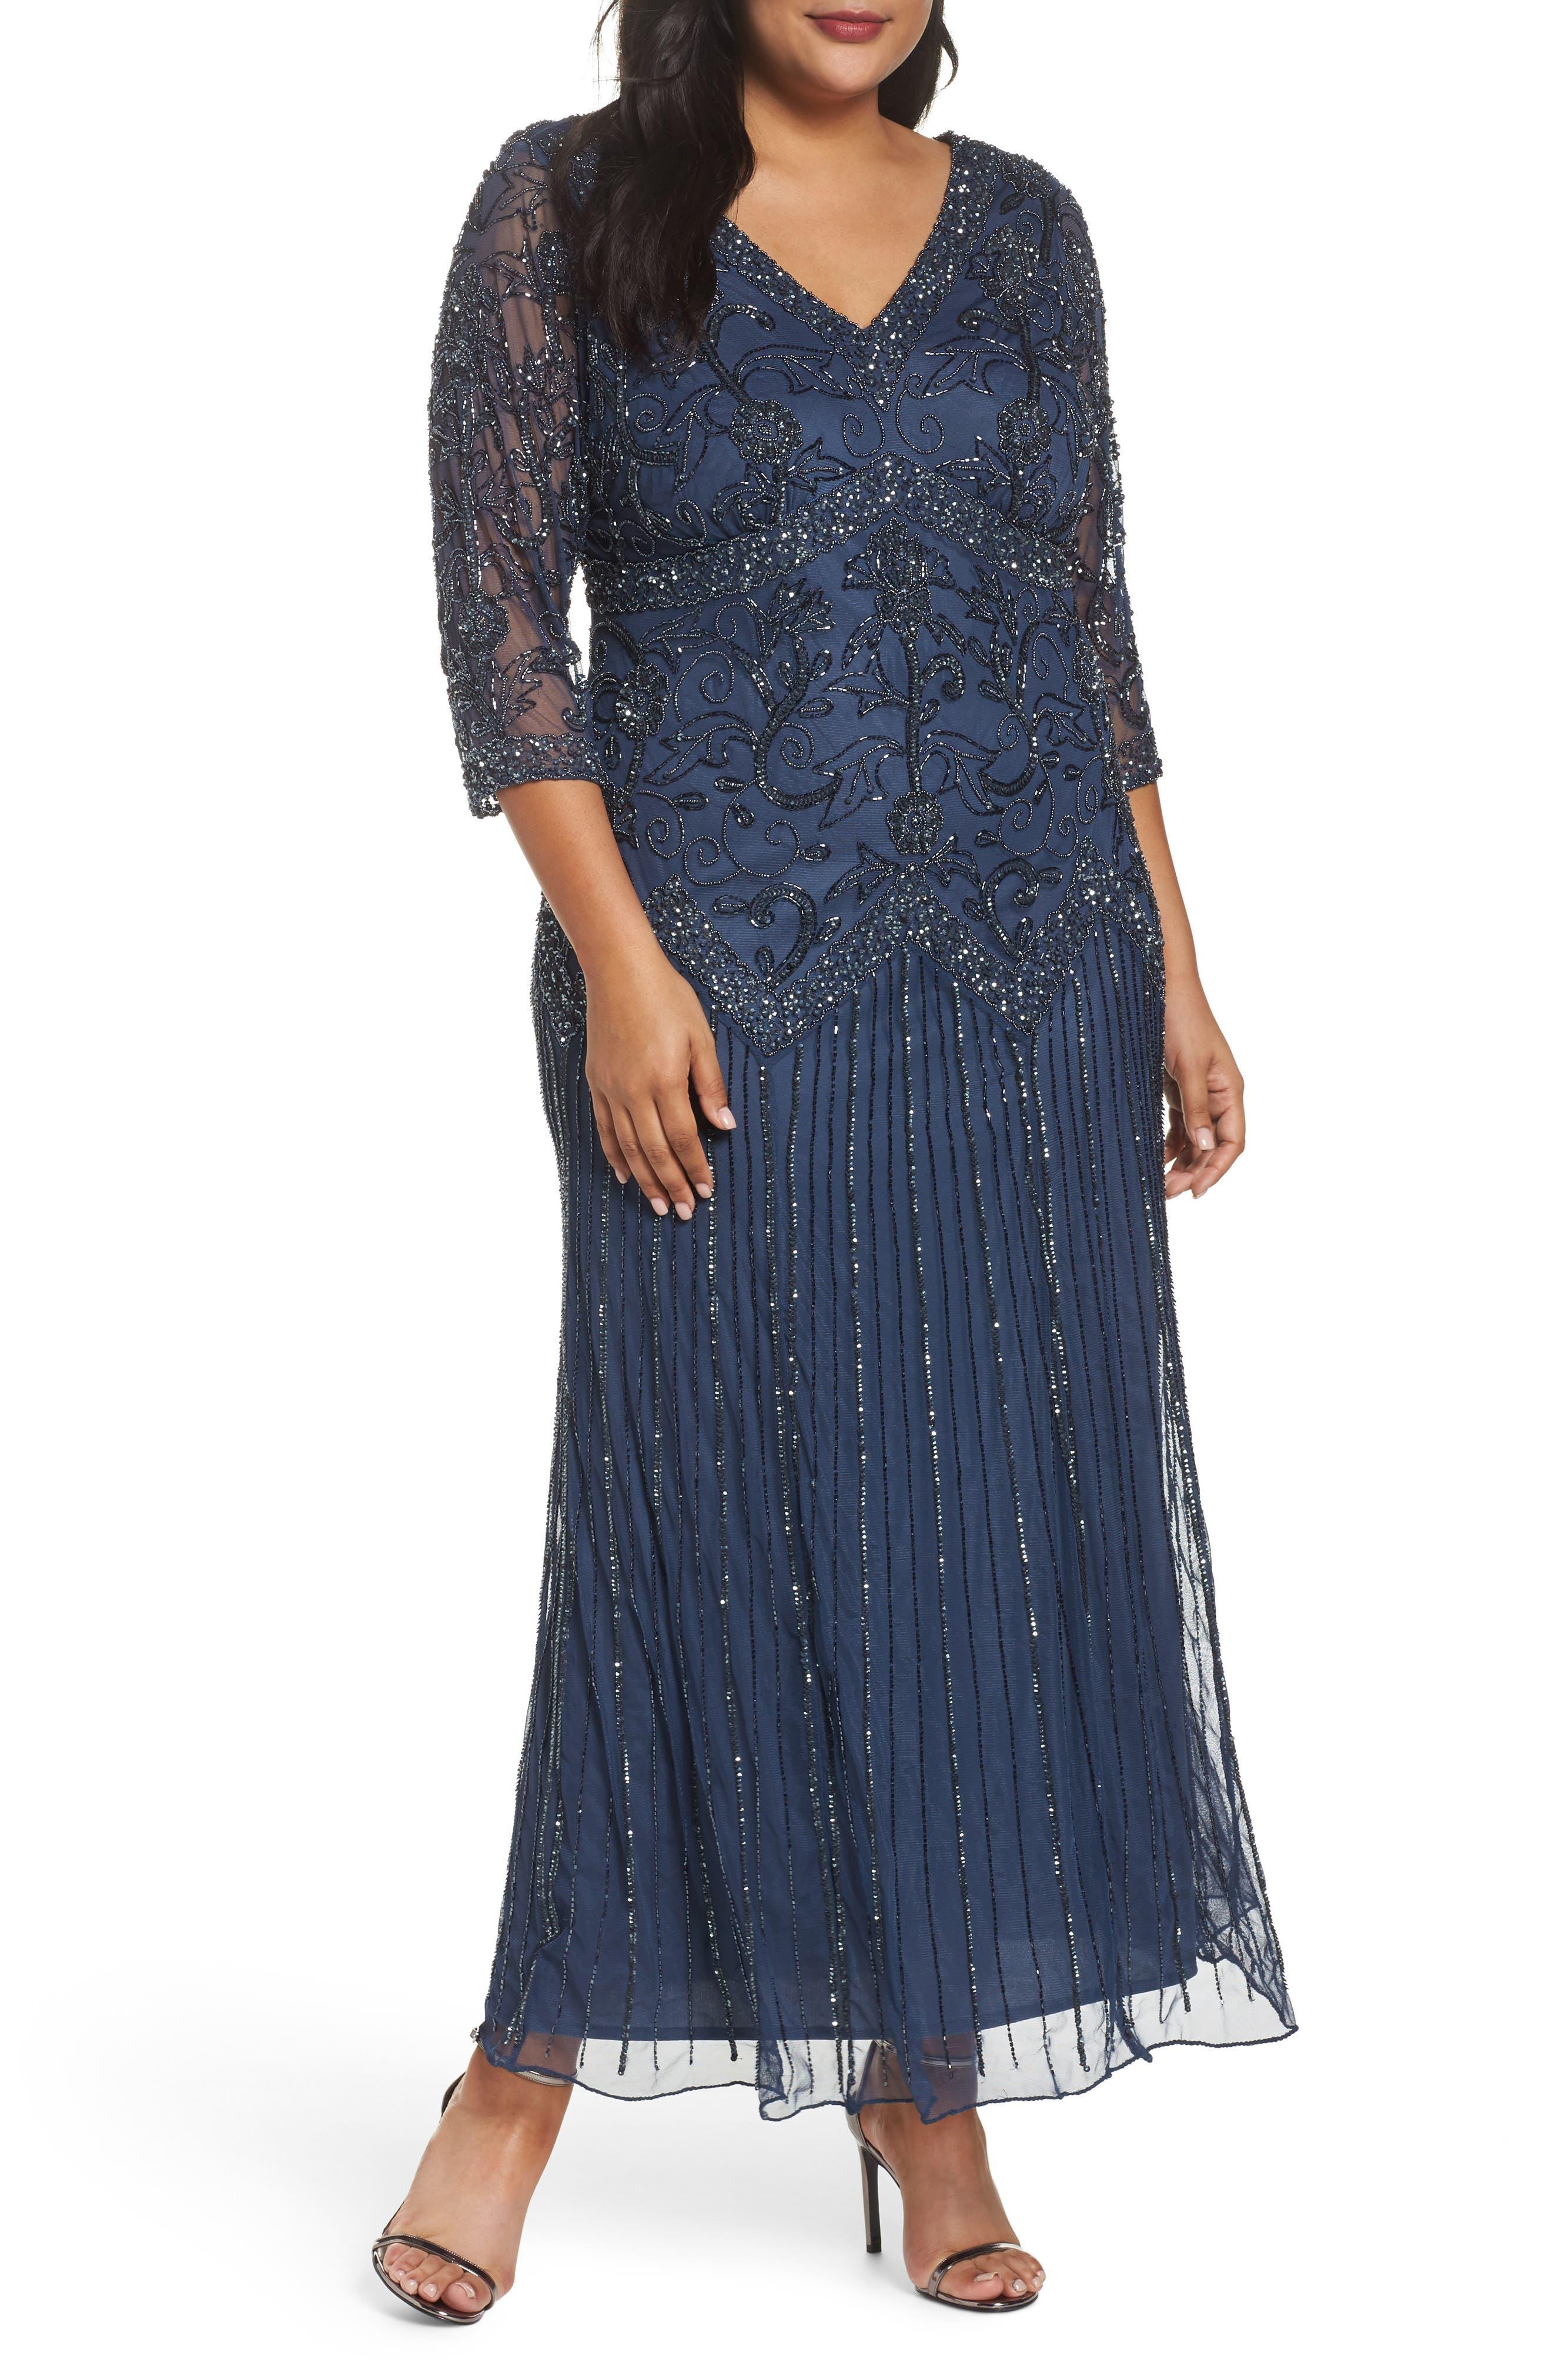 Royal blue plus size midi dress